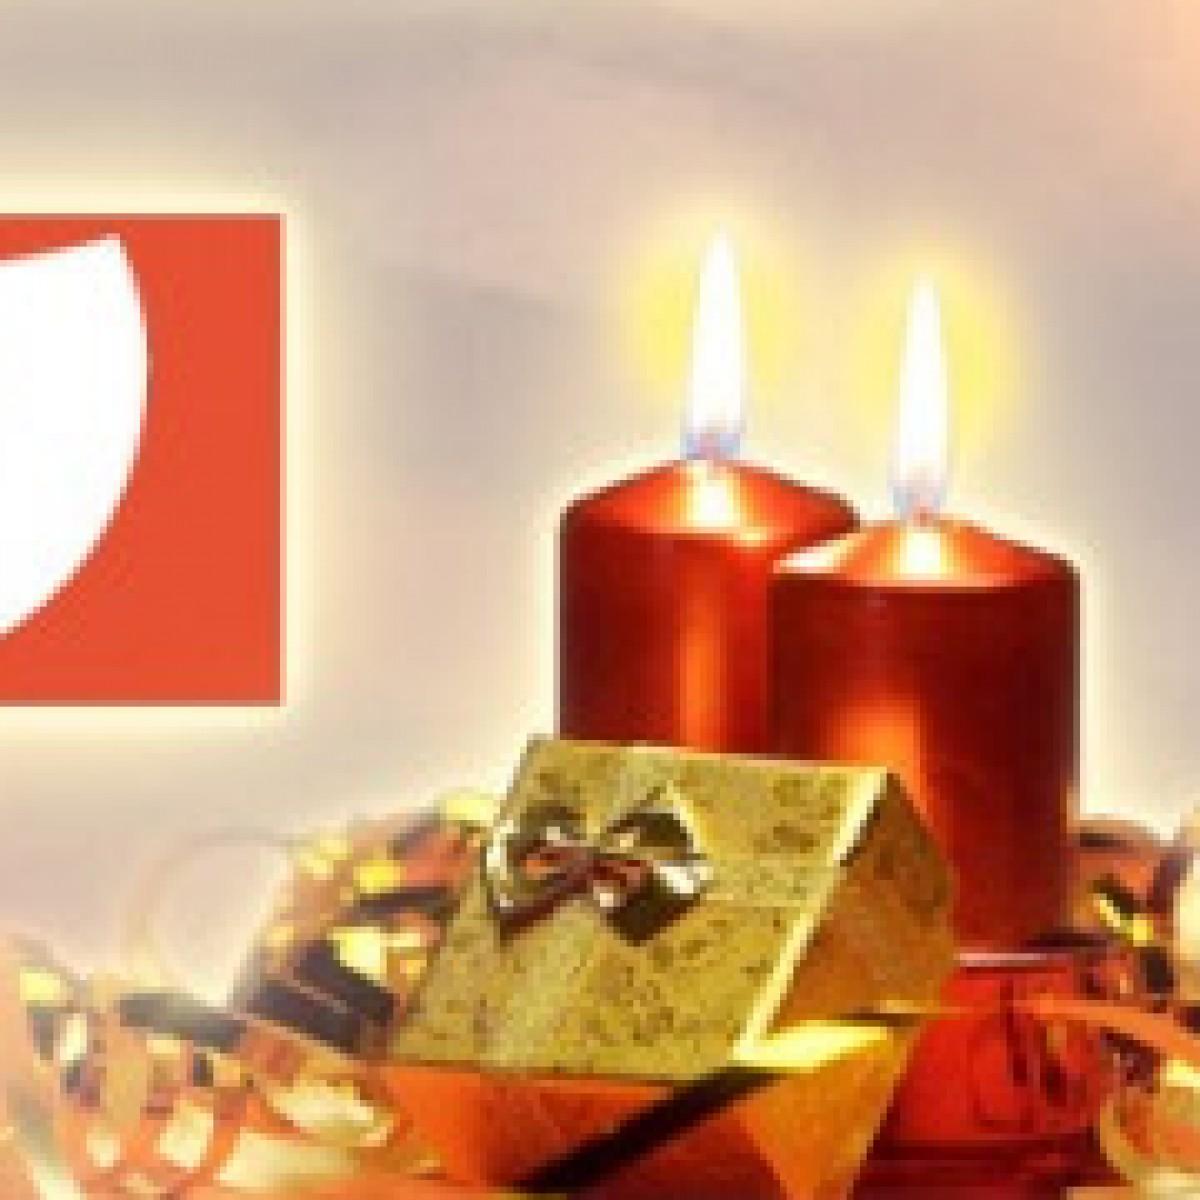 """Weihnachts-Highlights 2019 bei RTL, Sat.1, ProSieben, VOX, RTL Zwei und Co. – Wann und wo laufen """"Kevin"""", """"Santa Clause"""" und """"Das letzte Einhorn""""?"""